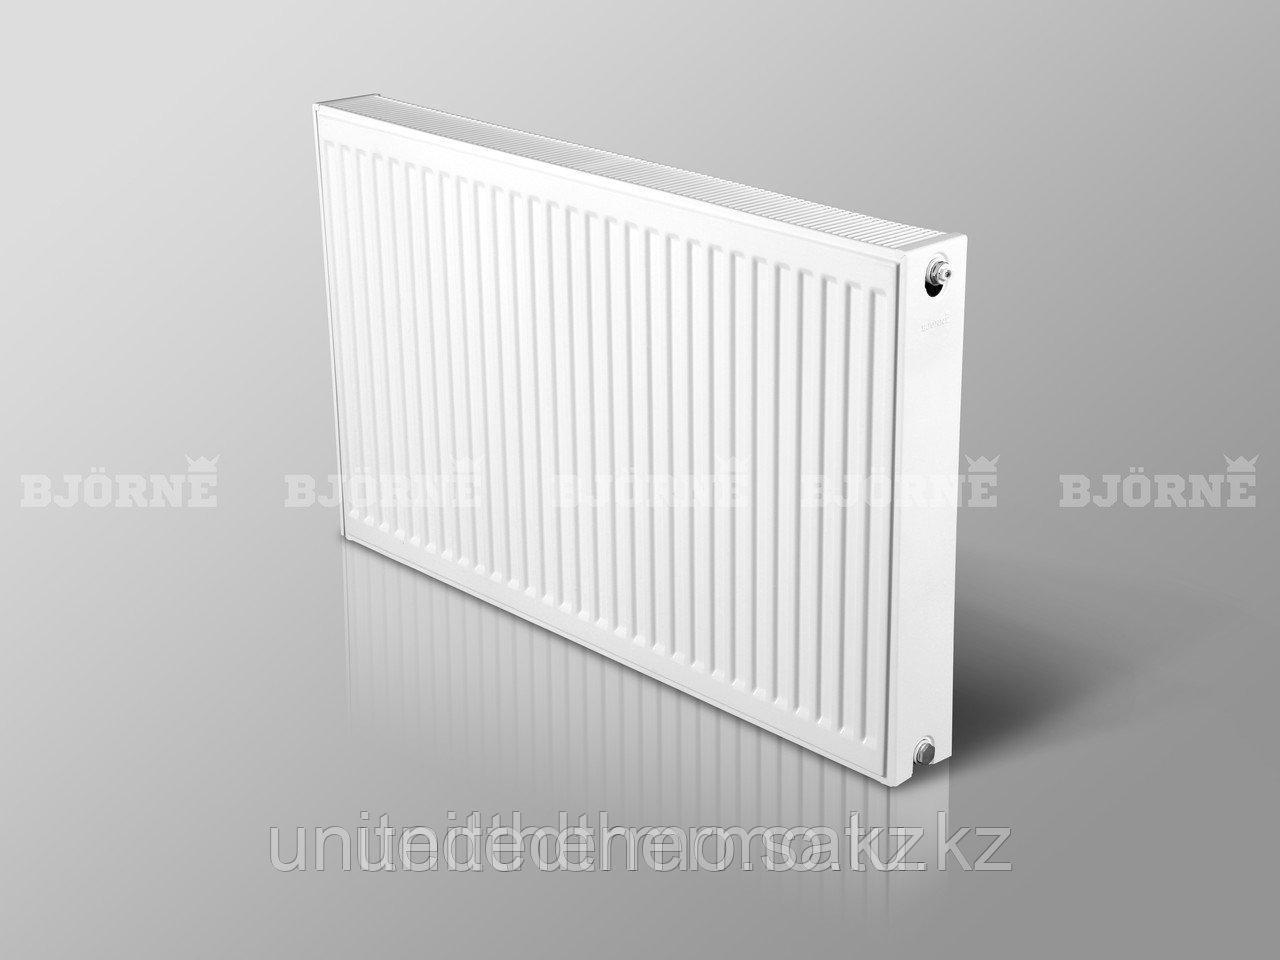 Стальной панельный радиатор Bjorne тип 22K H300мм*L1600мм боковое подключение